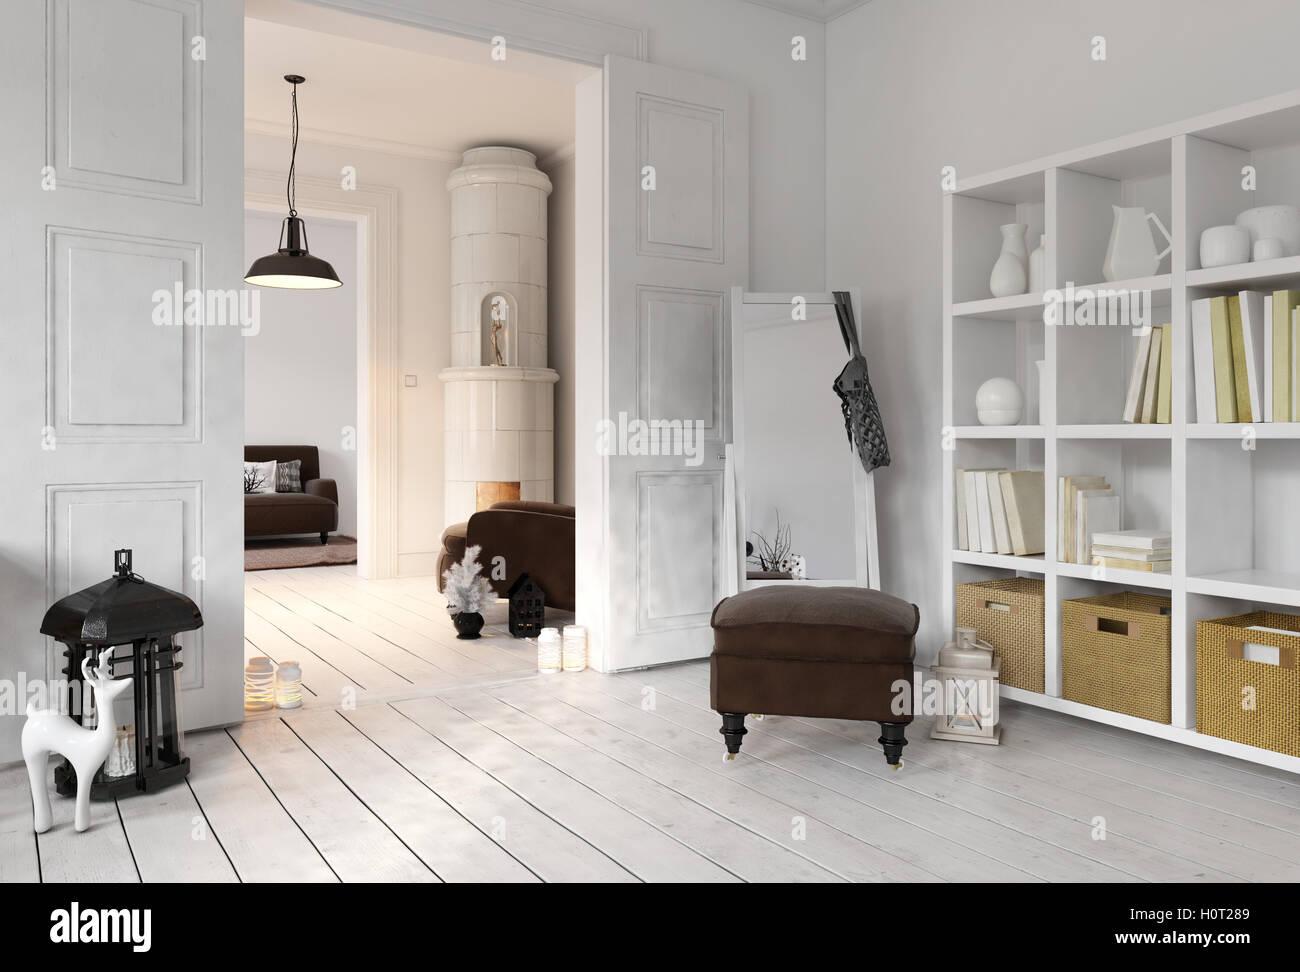 D rendern der wohnung wohnzimmer mit bücherregal boden spiegel